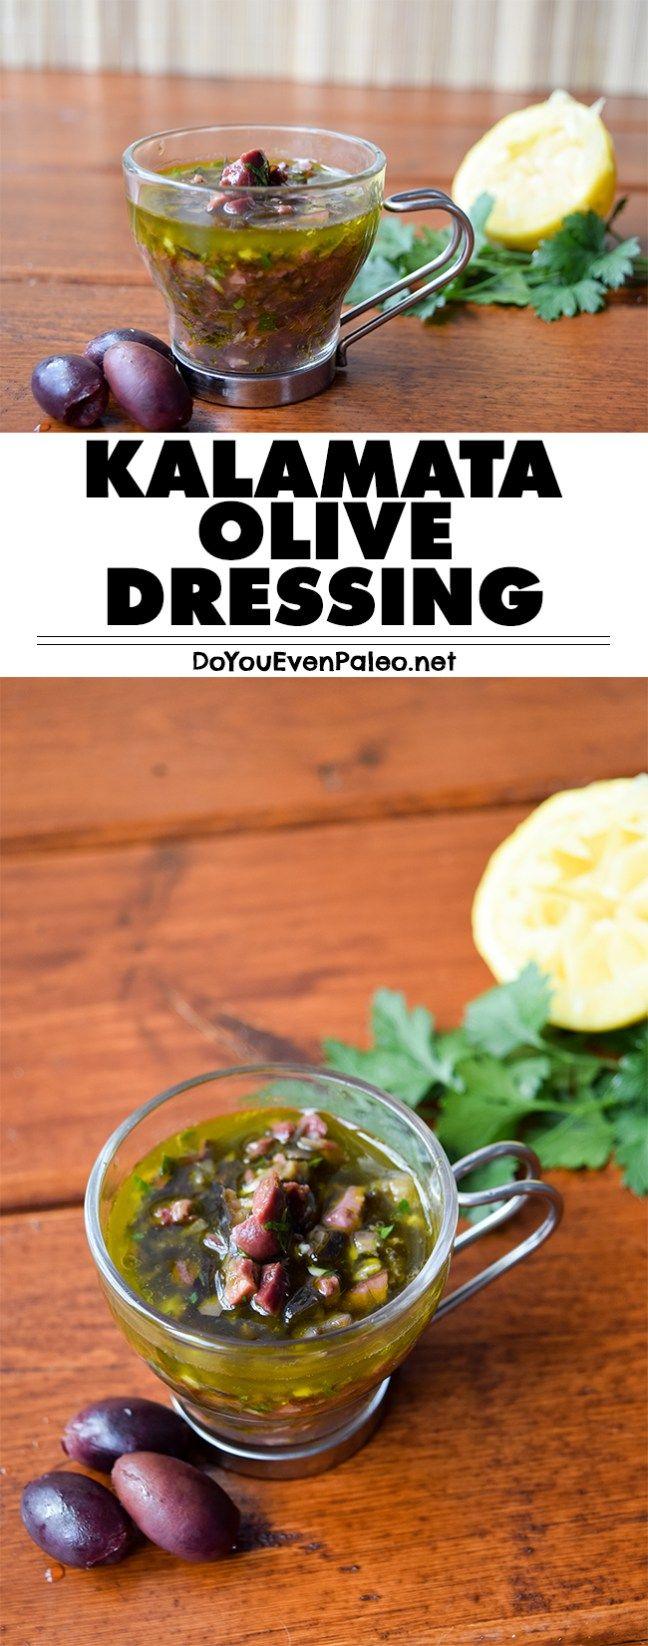 Kalamata Olive Dressing | DoYouEvenPaleo.net